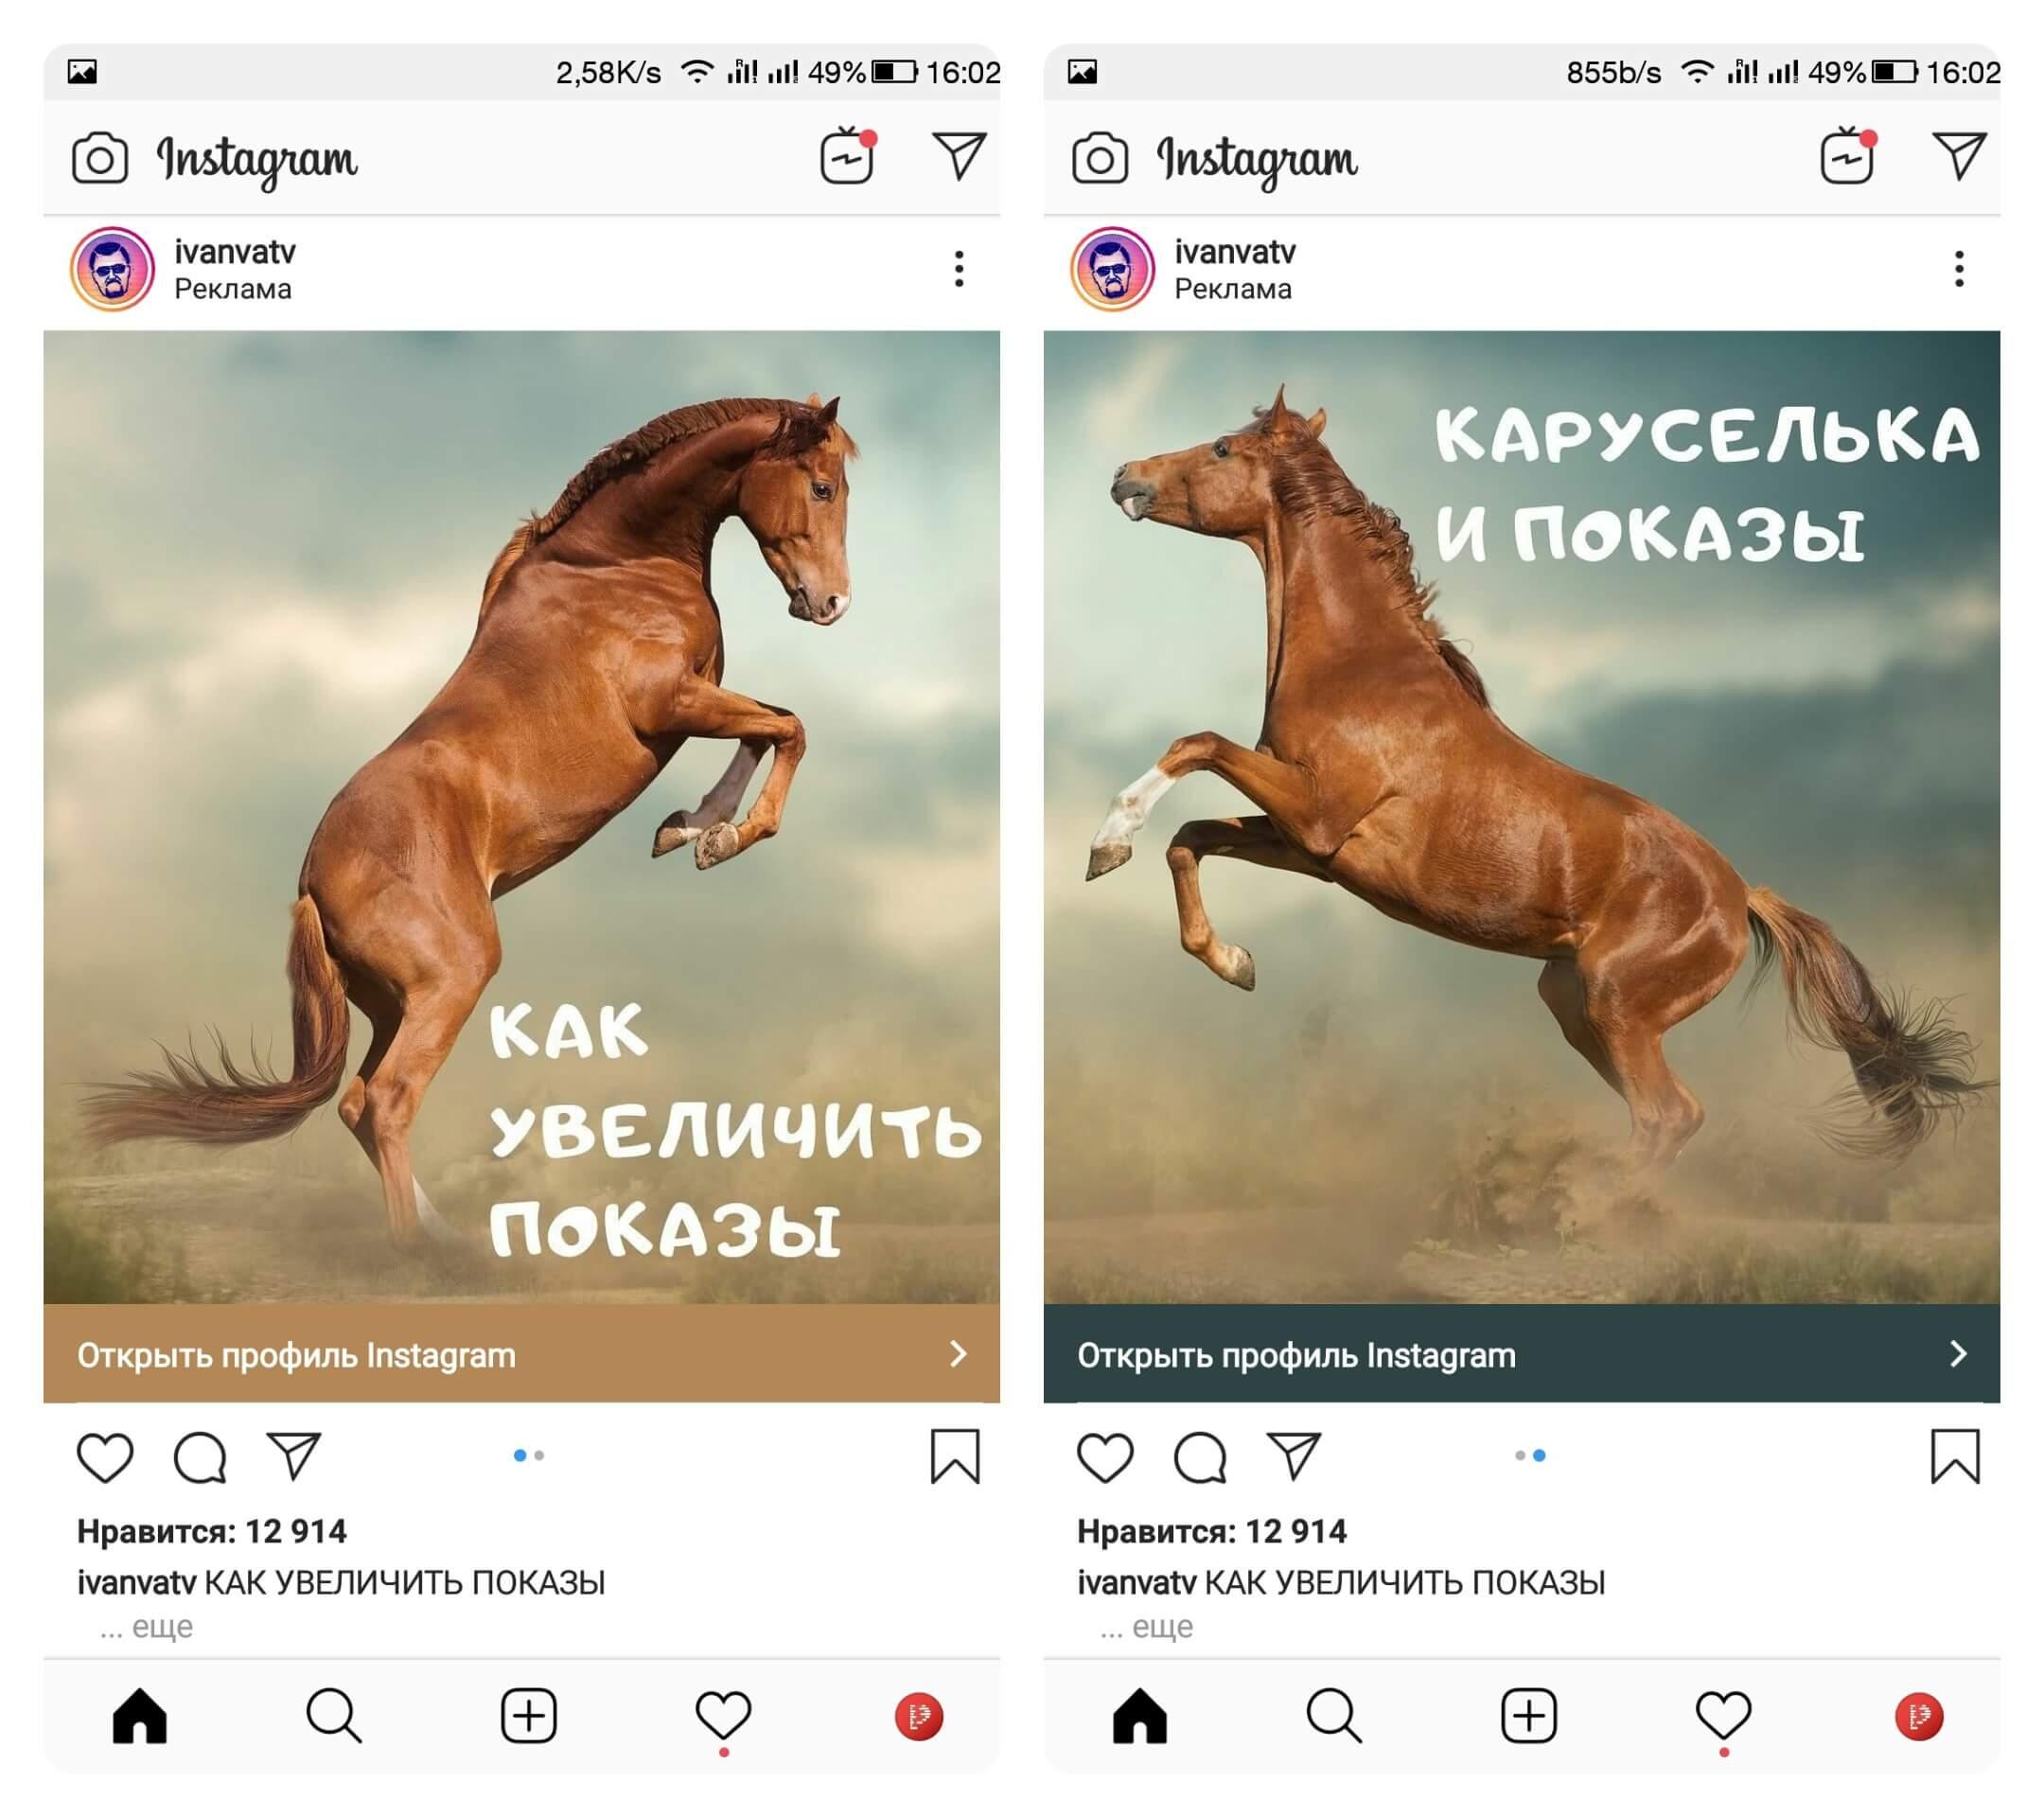 Реклама карусель в Инстаграм